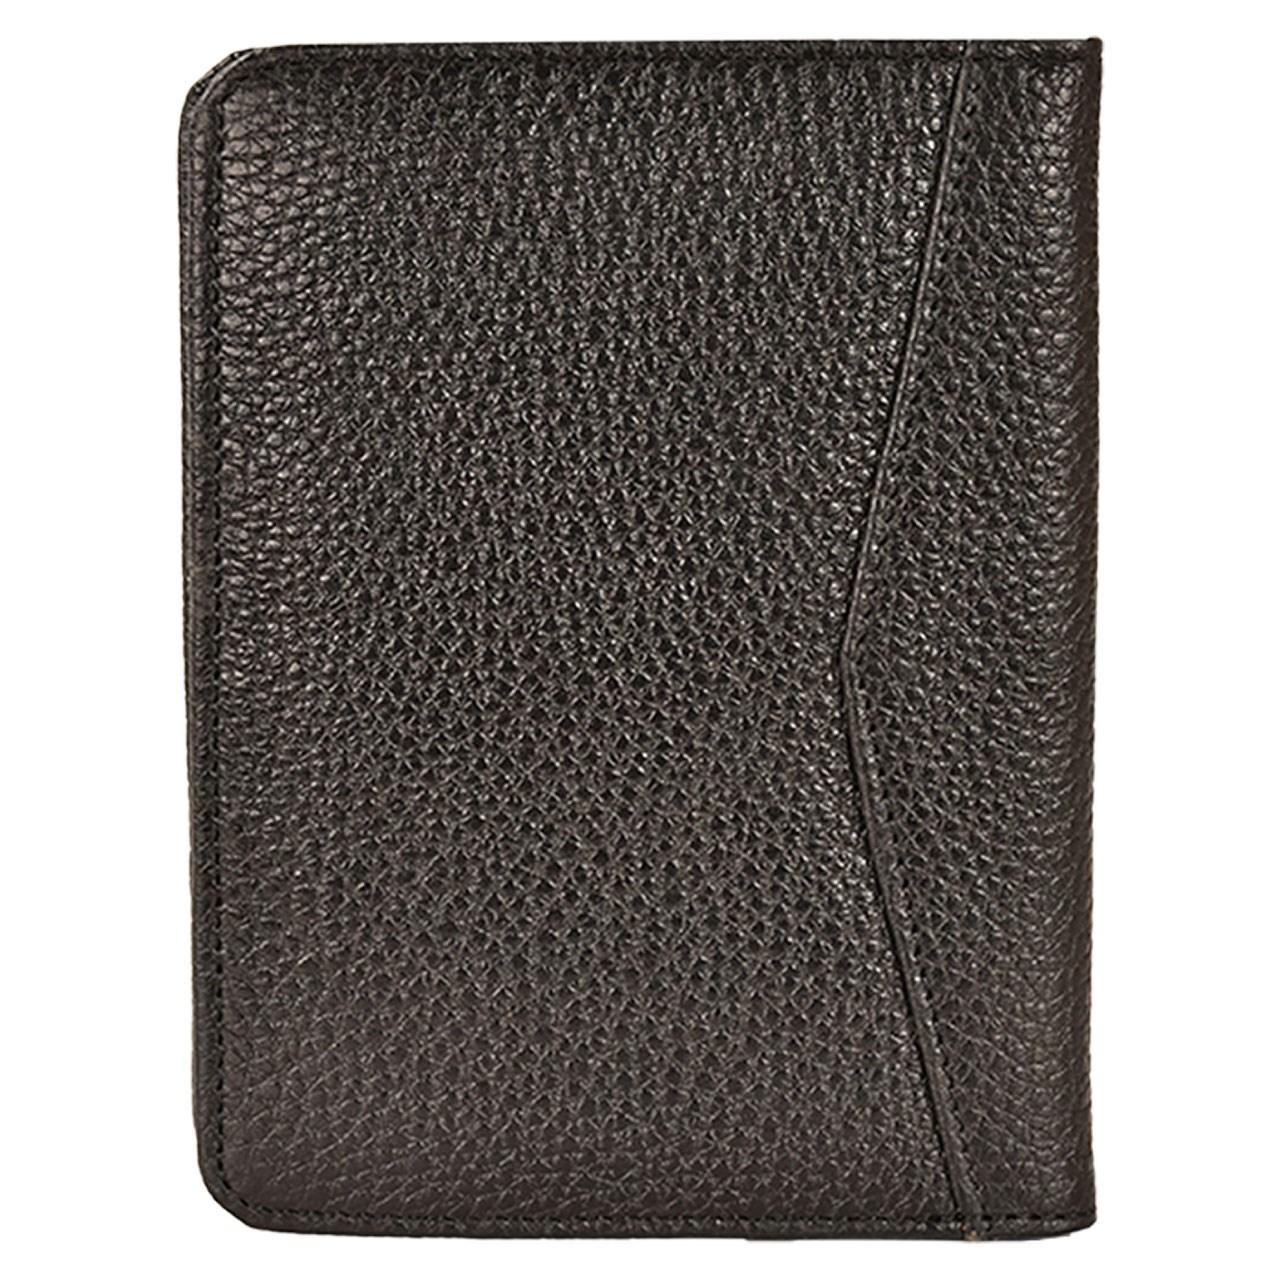 قیمت کیف پاسپورت و جلد مدارک کهن چرم مدل PS41